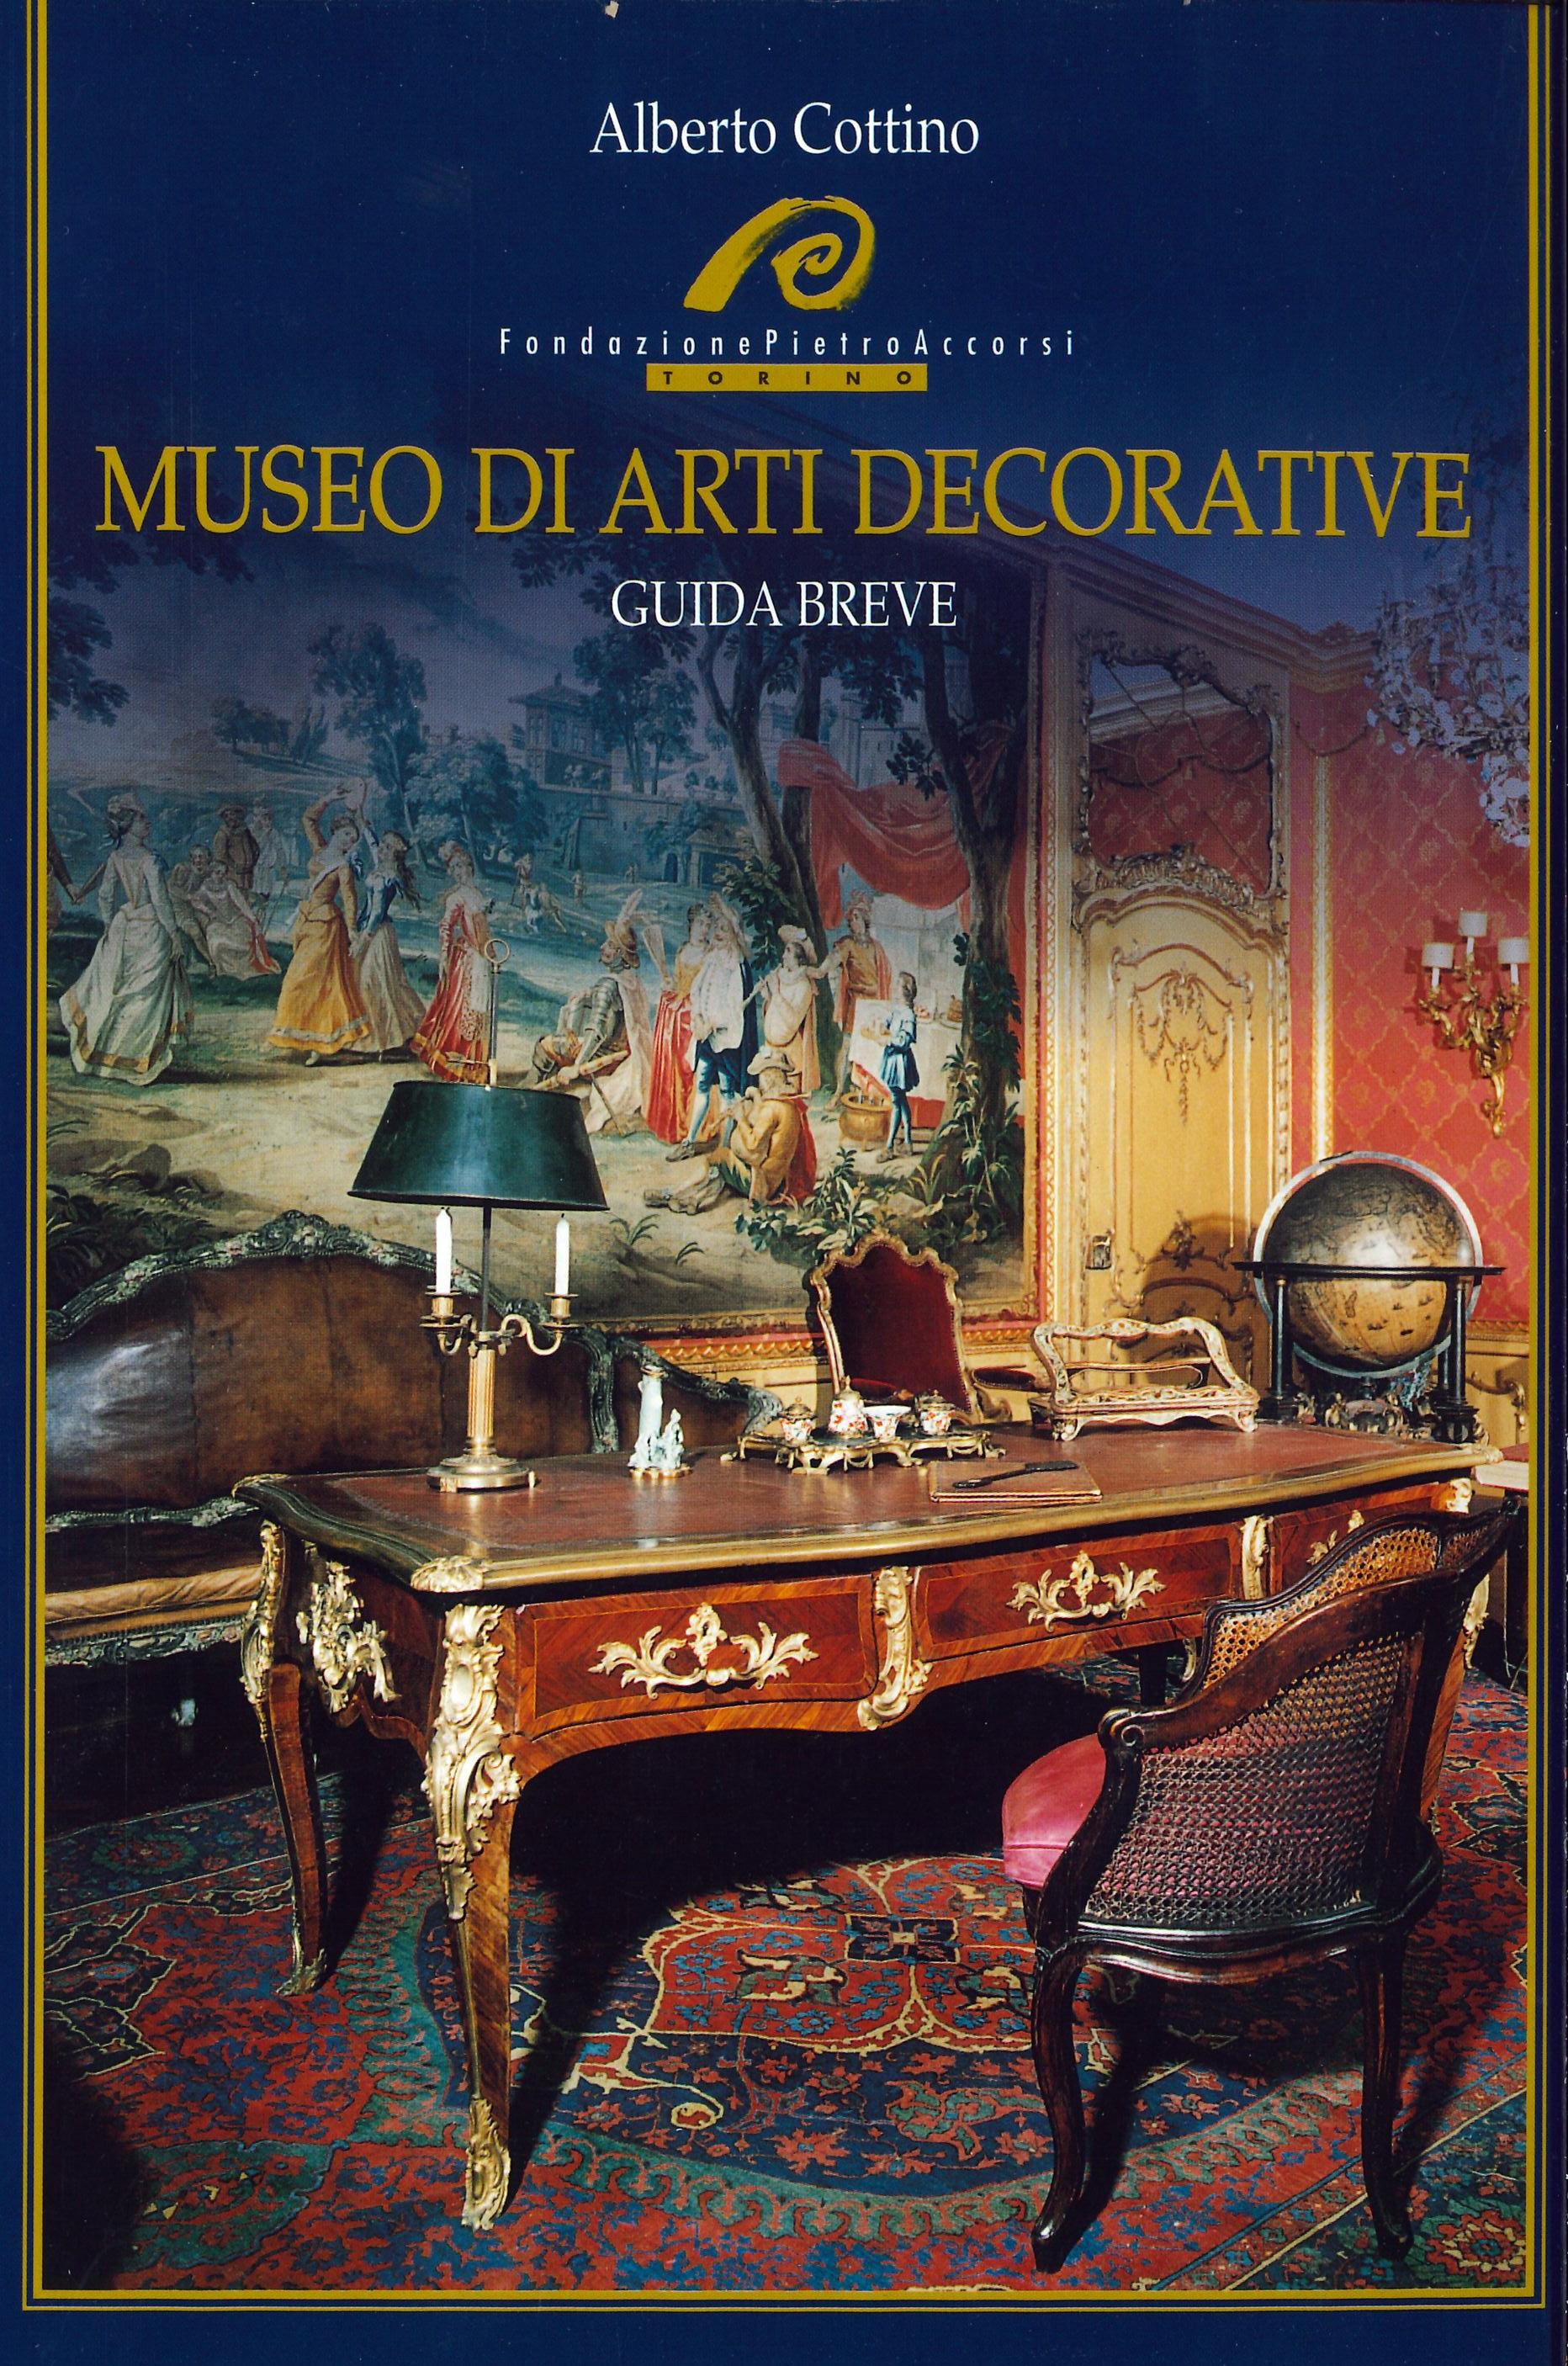 Museo di Arti Decorative – Guida breve